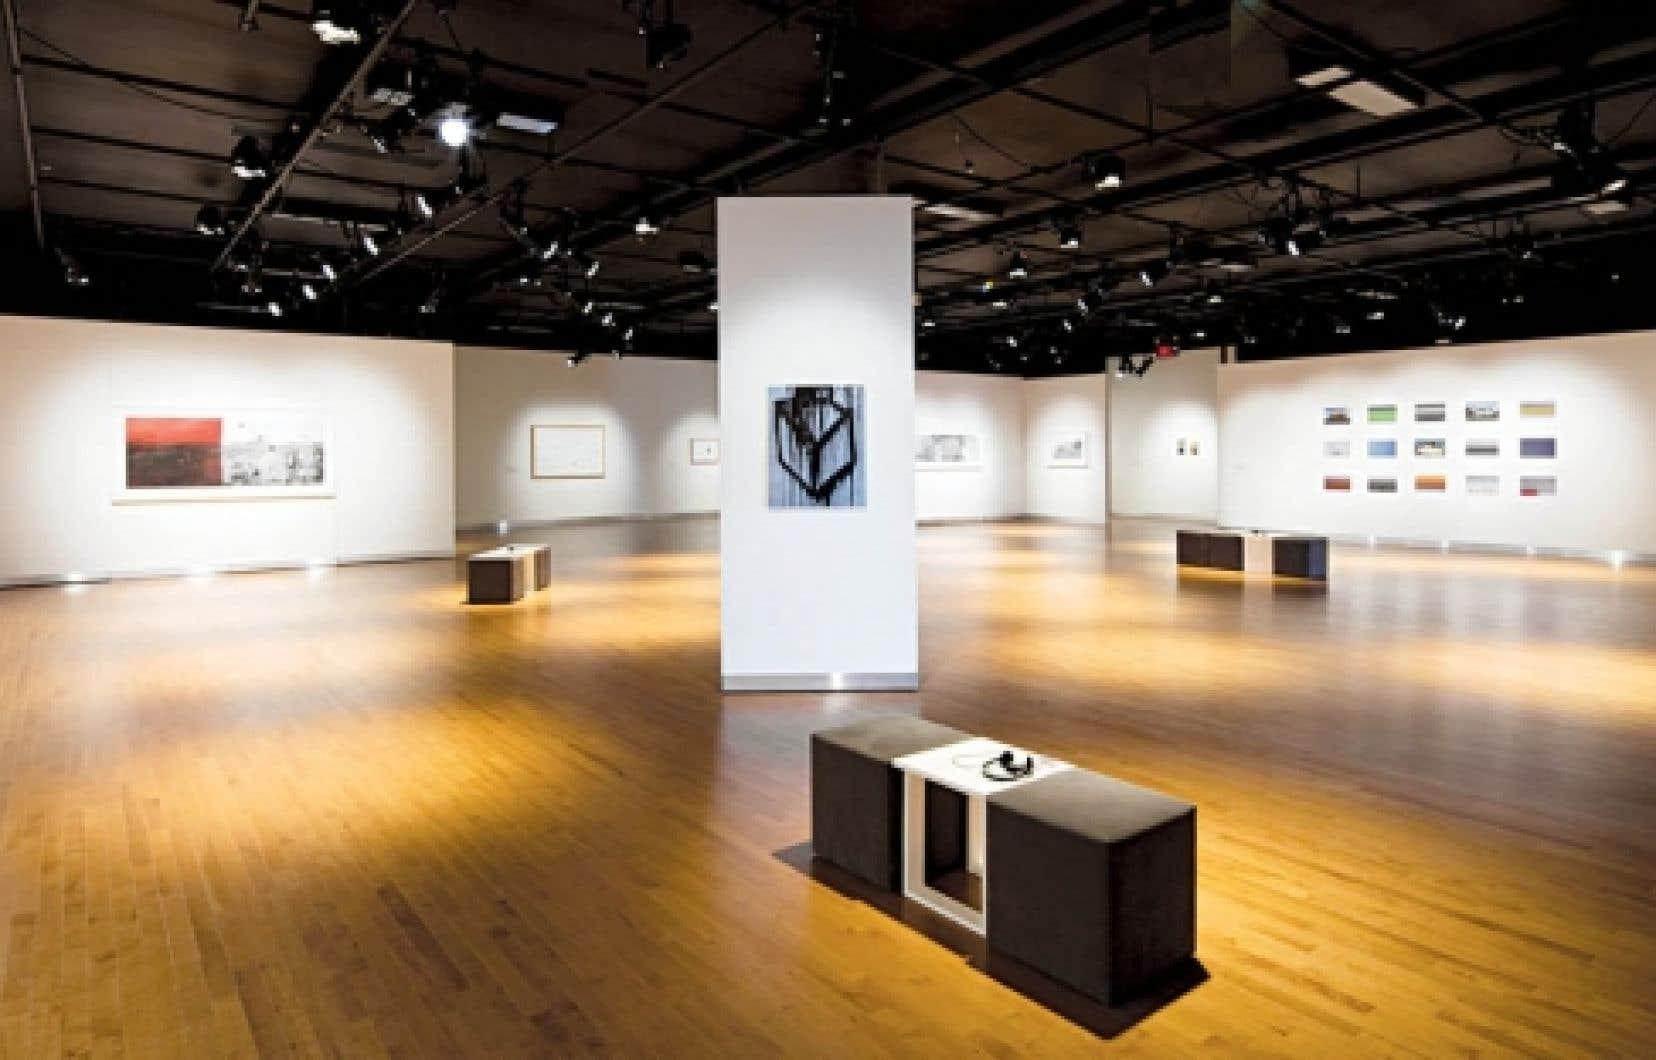 Vue d'ensemble de l'exposition Entre des fragments de choses, d'espace et de temps à la Maison des arts de Laval